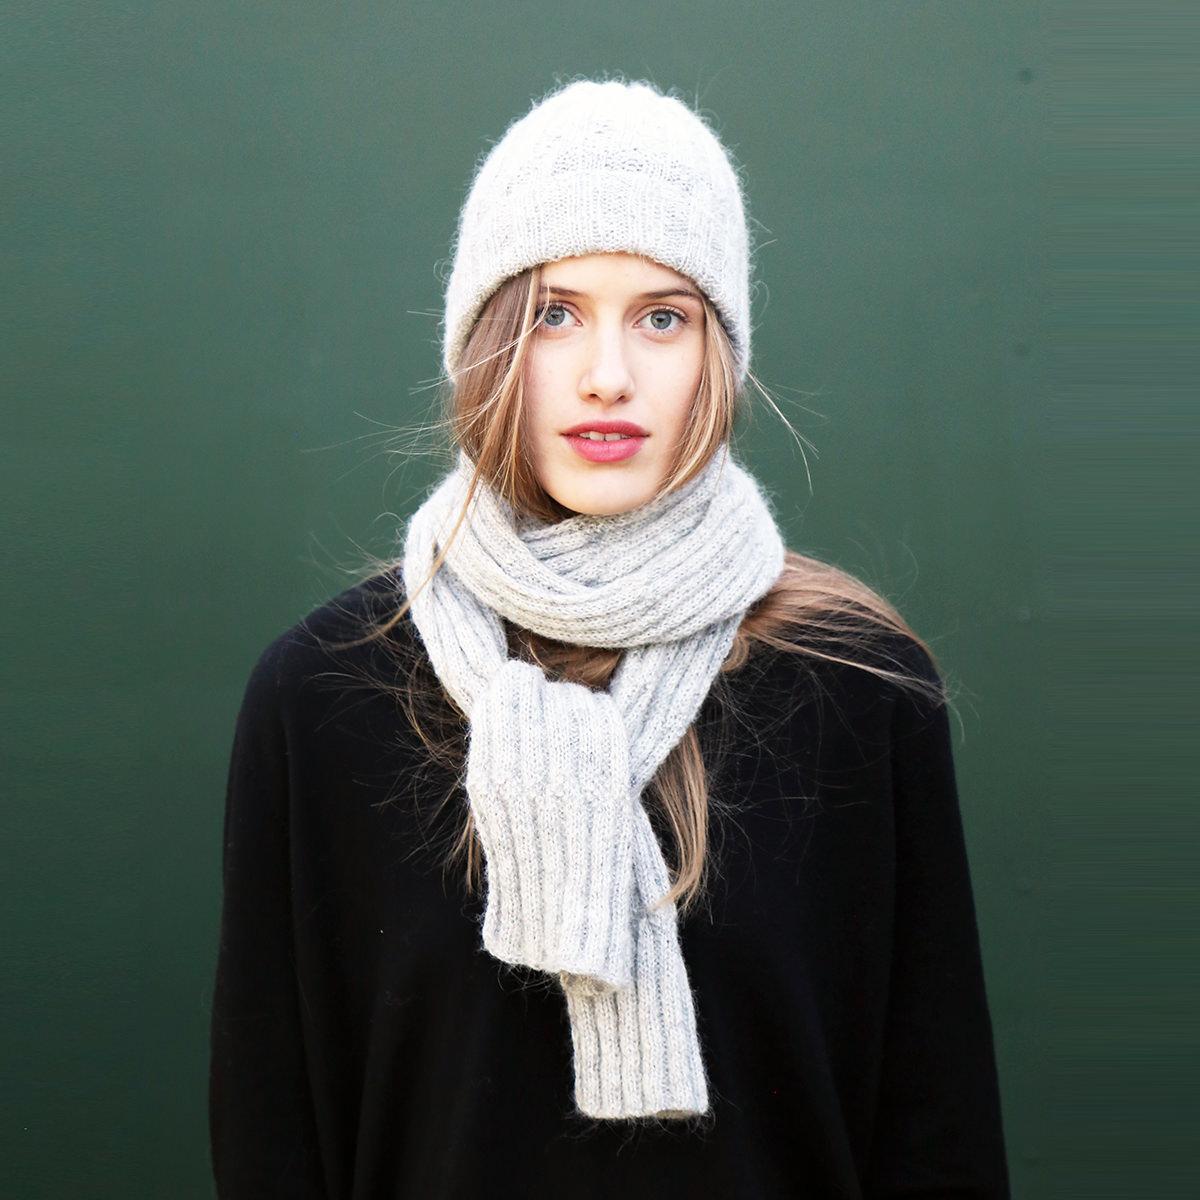 KBG08 hat scarf